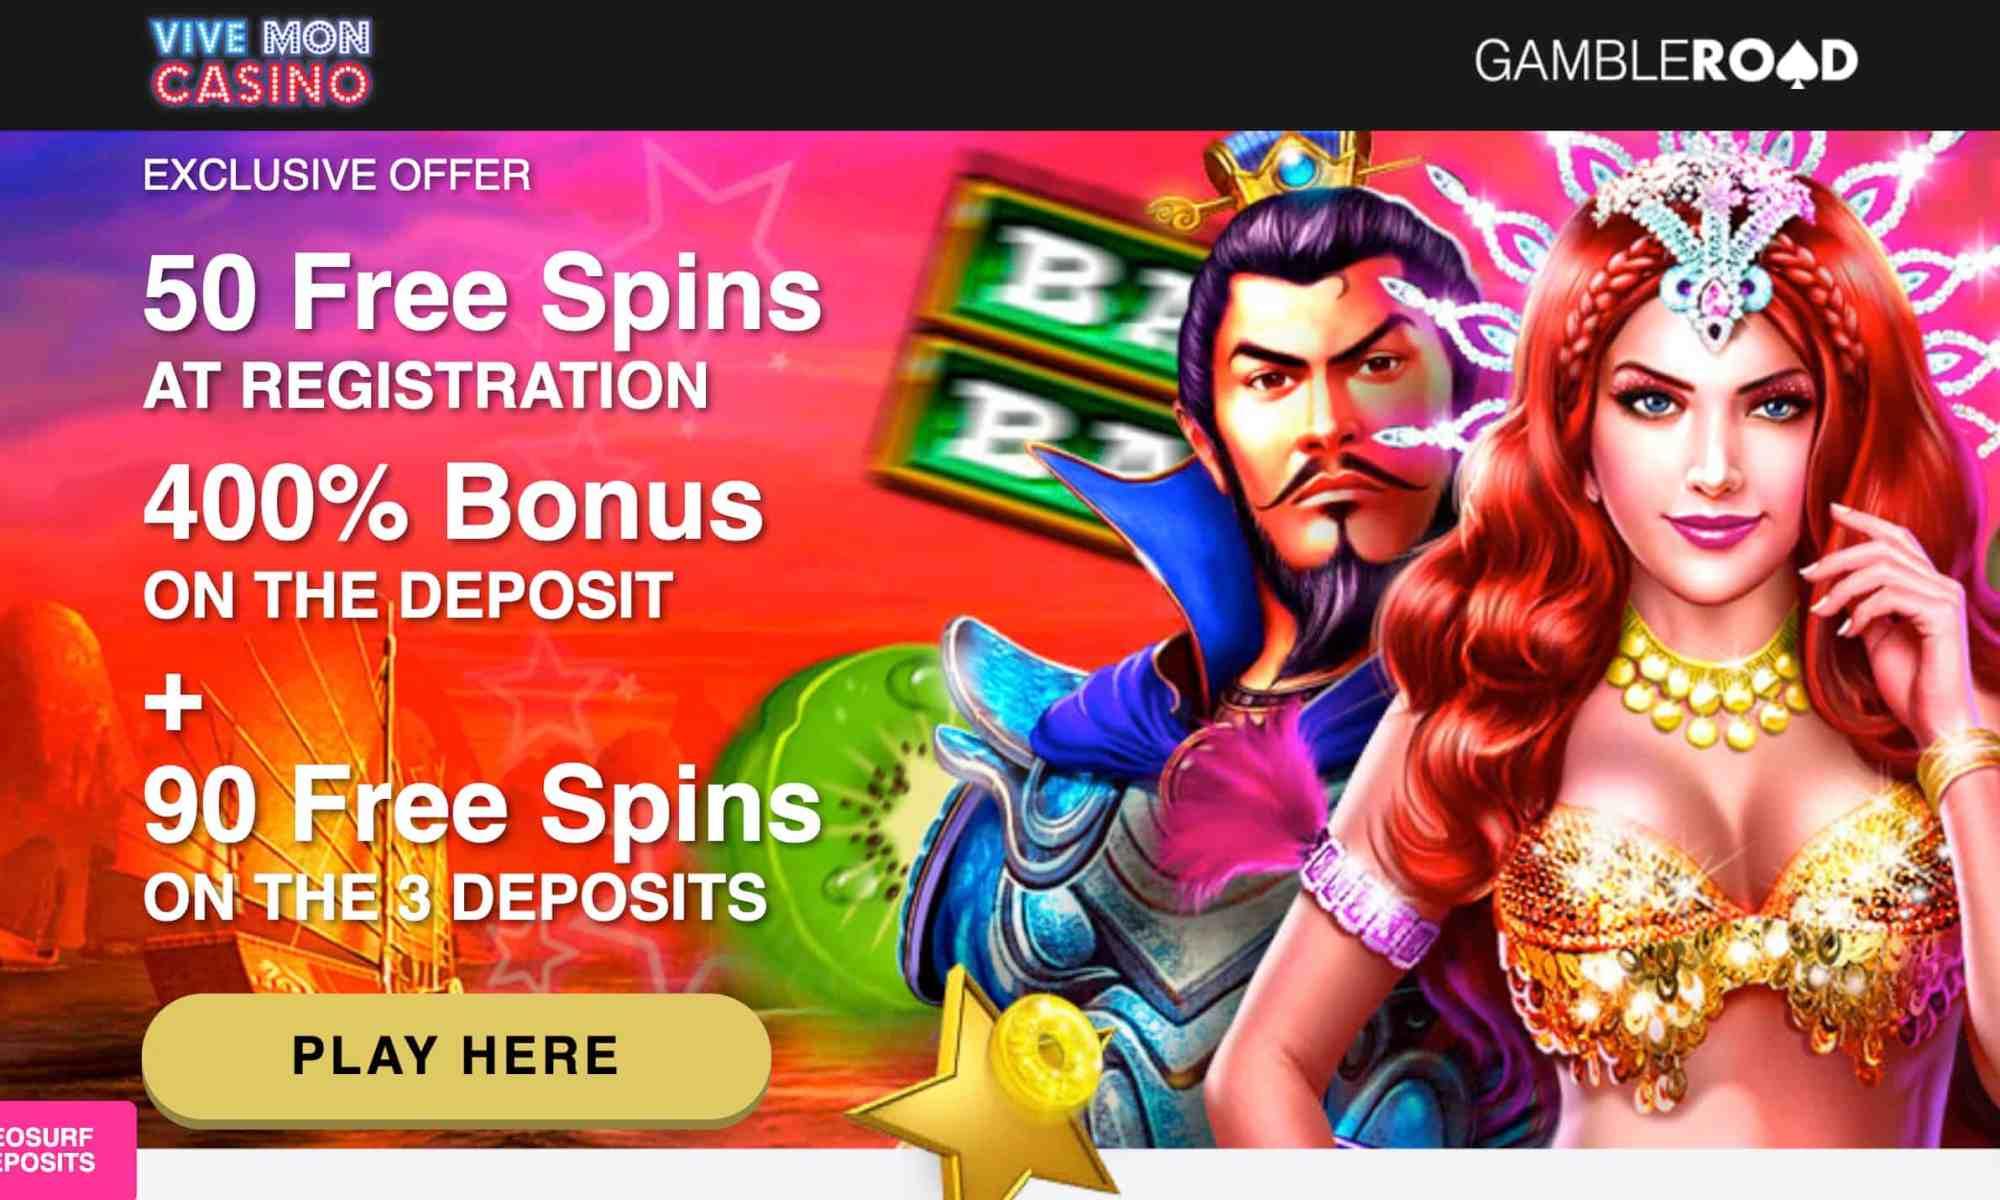 Les avis importants sur vive mon casino